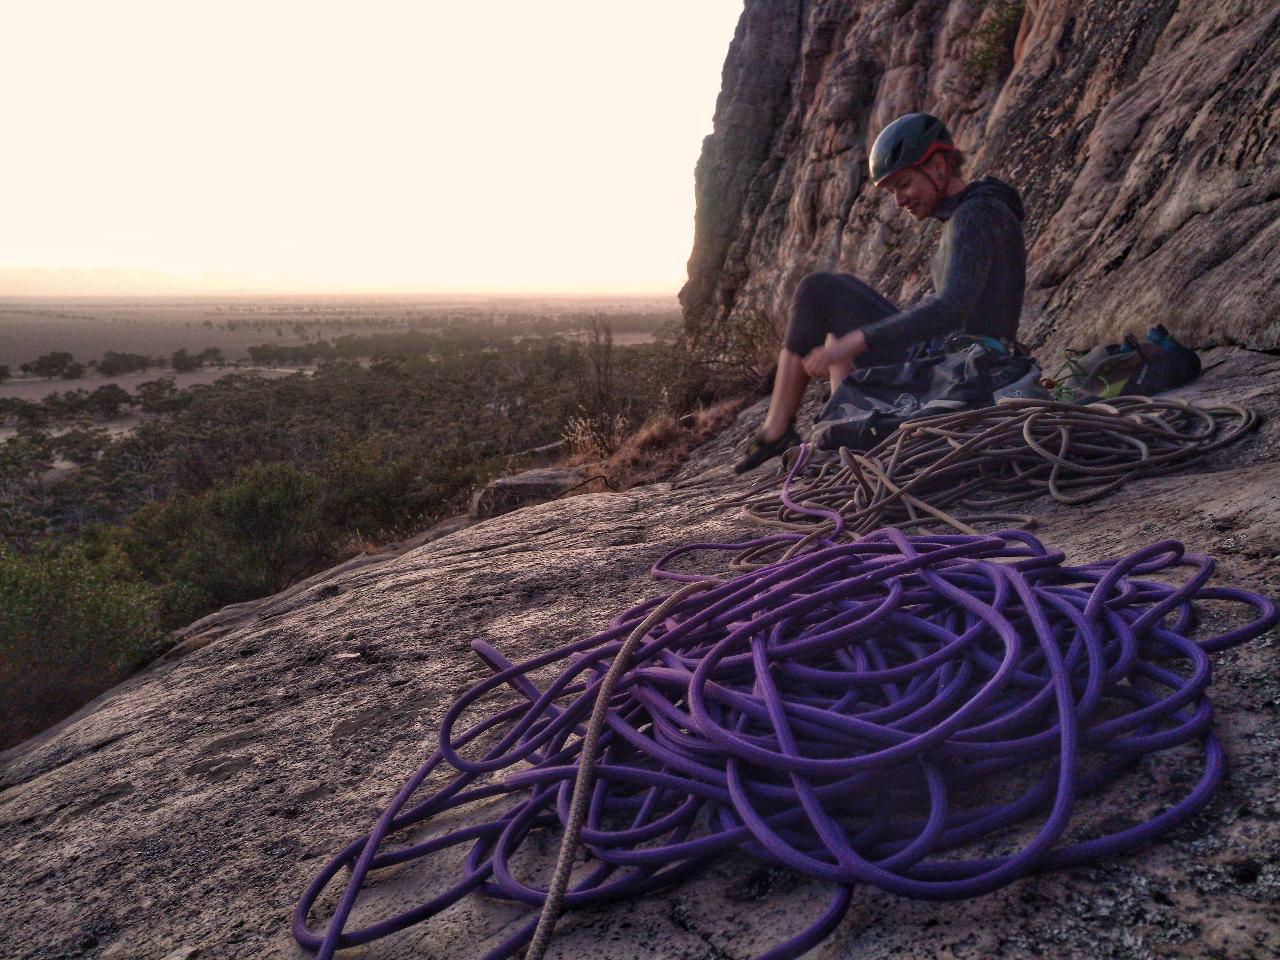 Mount Arapiles - Multi-pitch climbing course